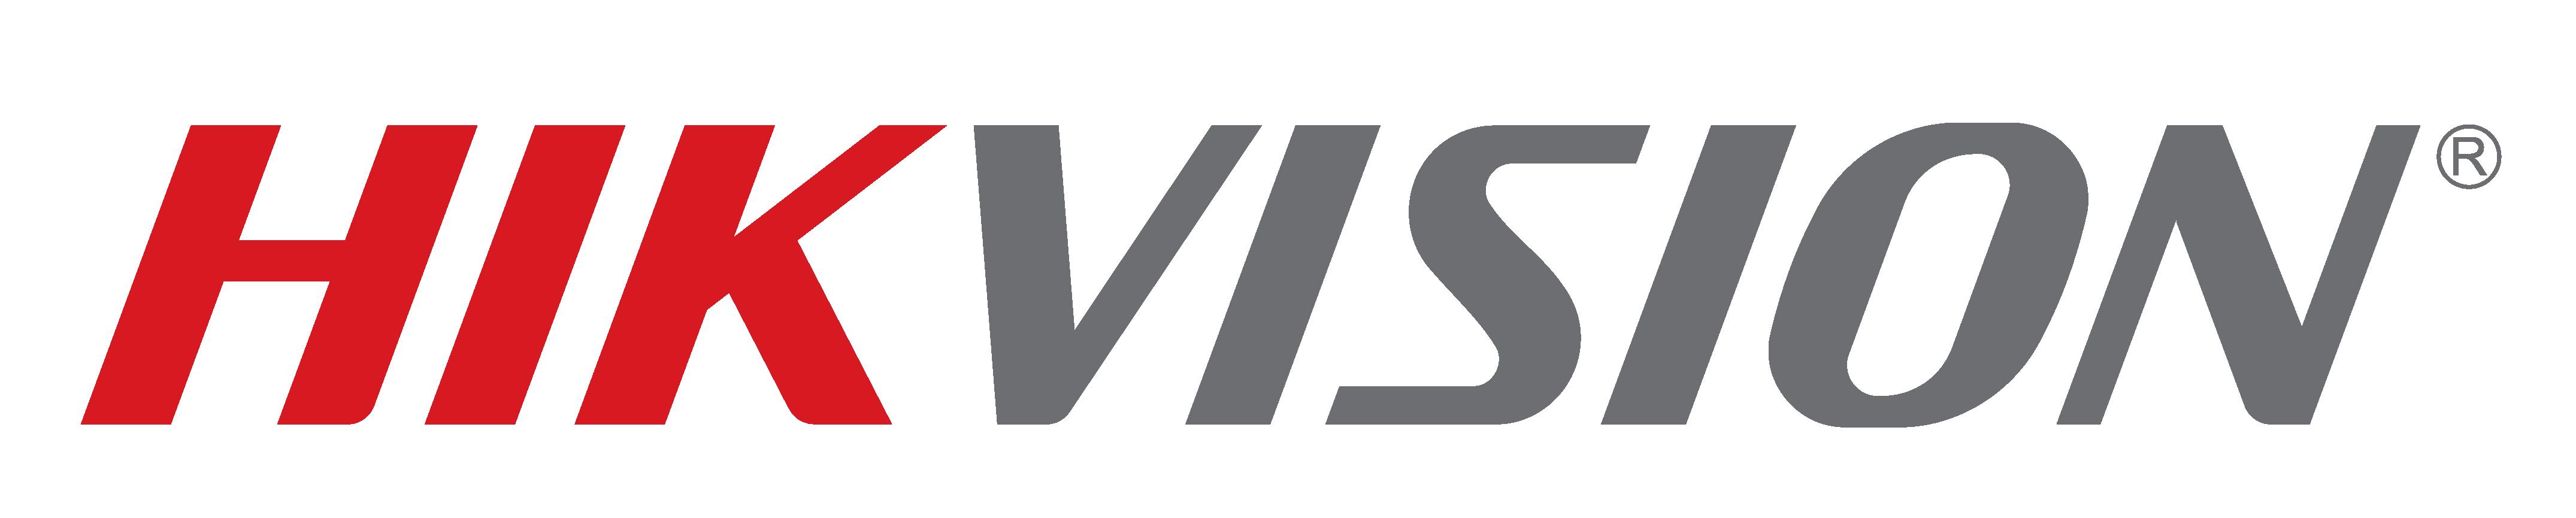 Hikvision Logo-R-01-1